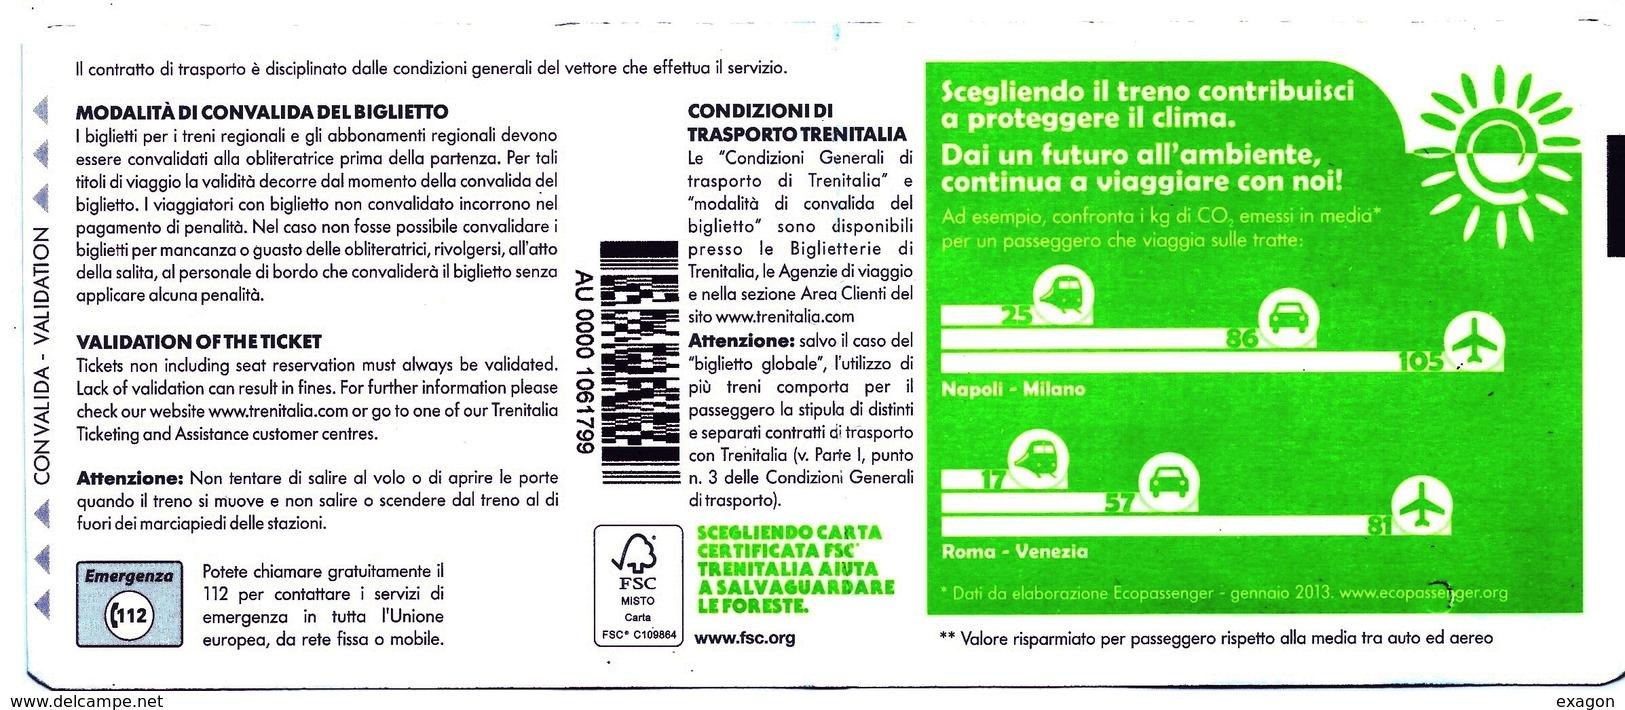 Biglietto  Treno  UTILIZZATO   -   Novara / Milano   -   Del  5  Dicembre  2018. - Europa